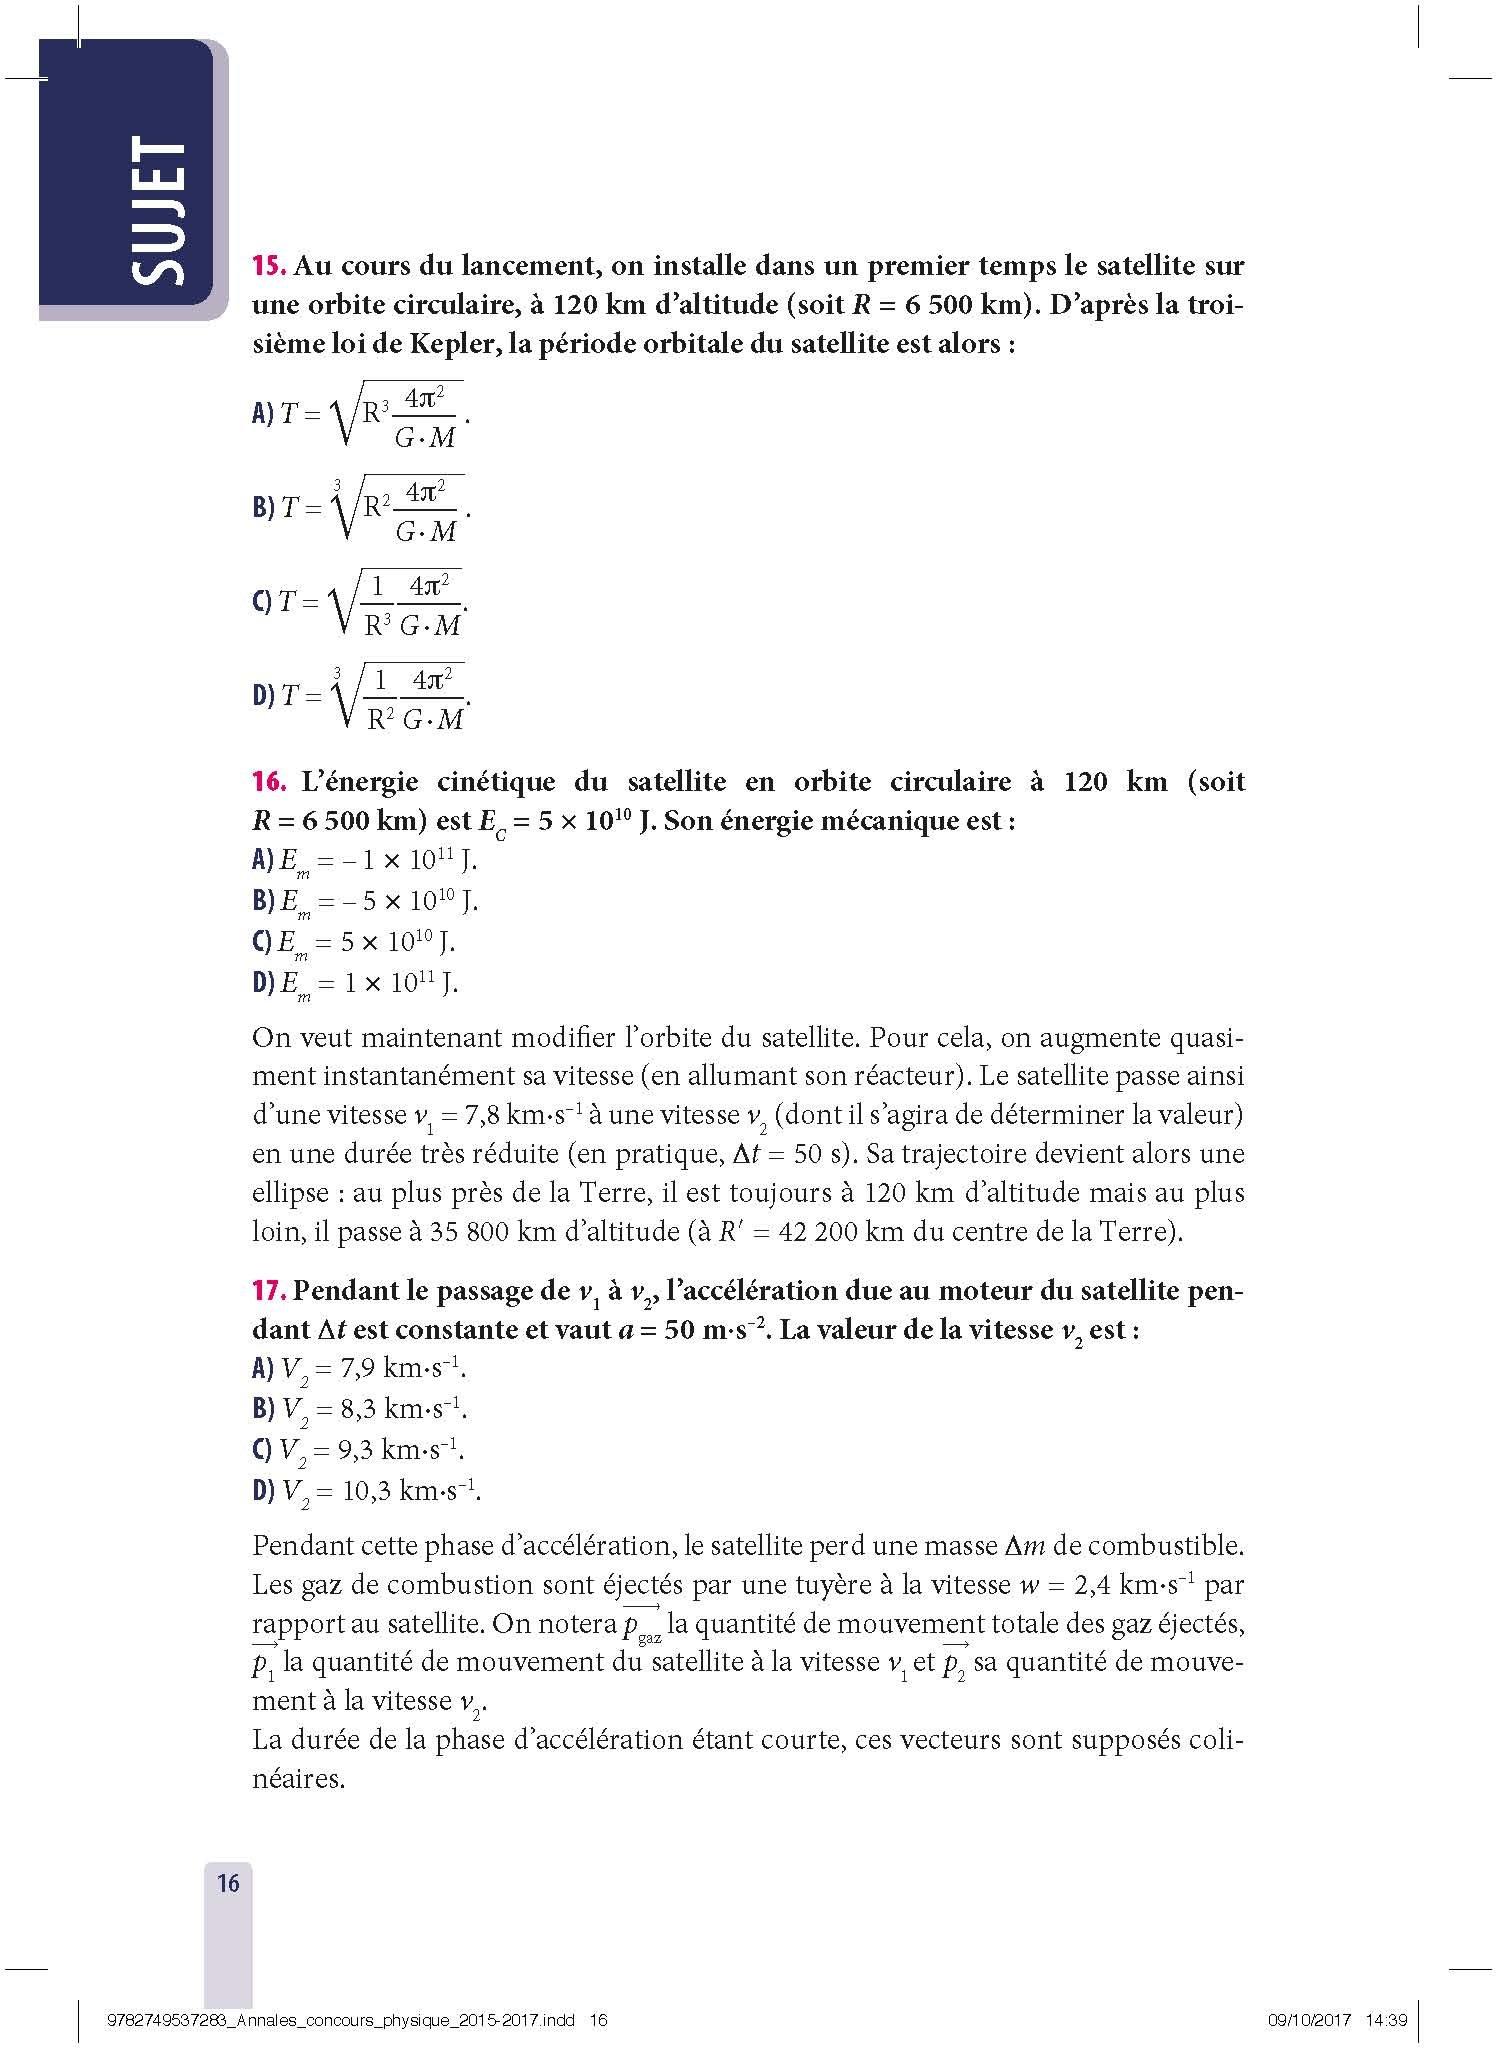 Physique - Annales corrigés, concours Avenir et Puissance 11 de 2015 à 2017 : Réussir les concours ingénieurs: 9782749537283: Amazon.com: Books